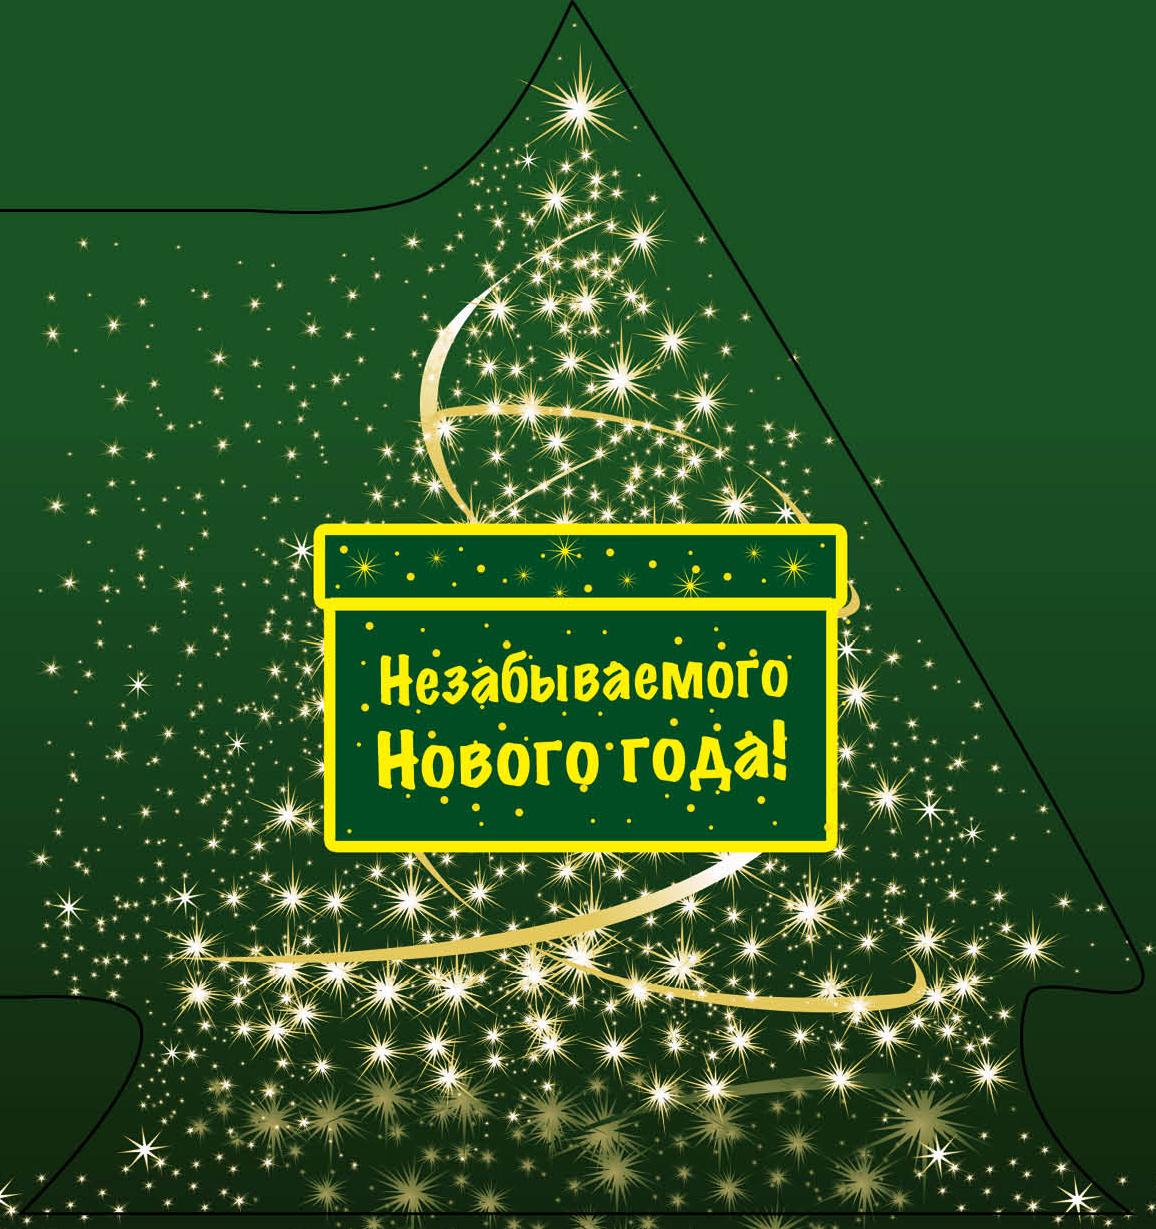 Незабываемого Нового года! (ЁЛОЧКА)